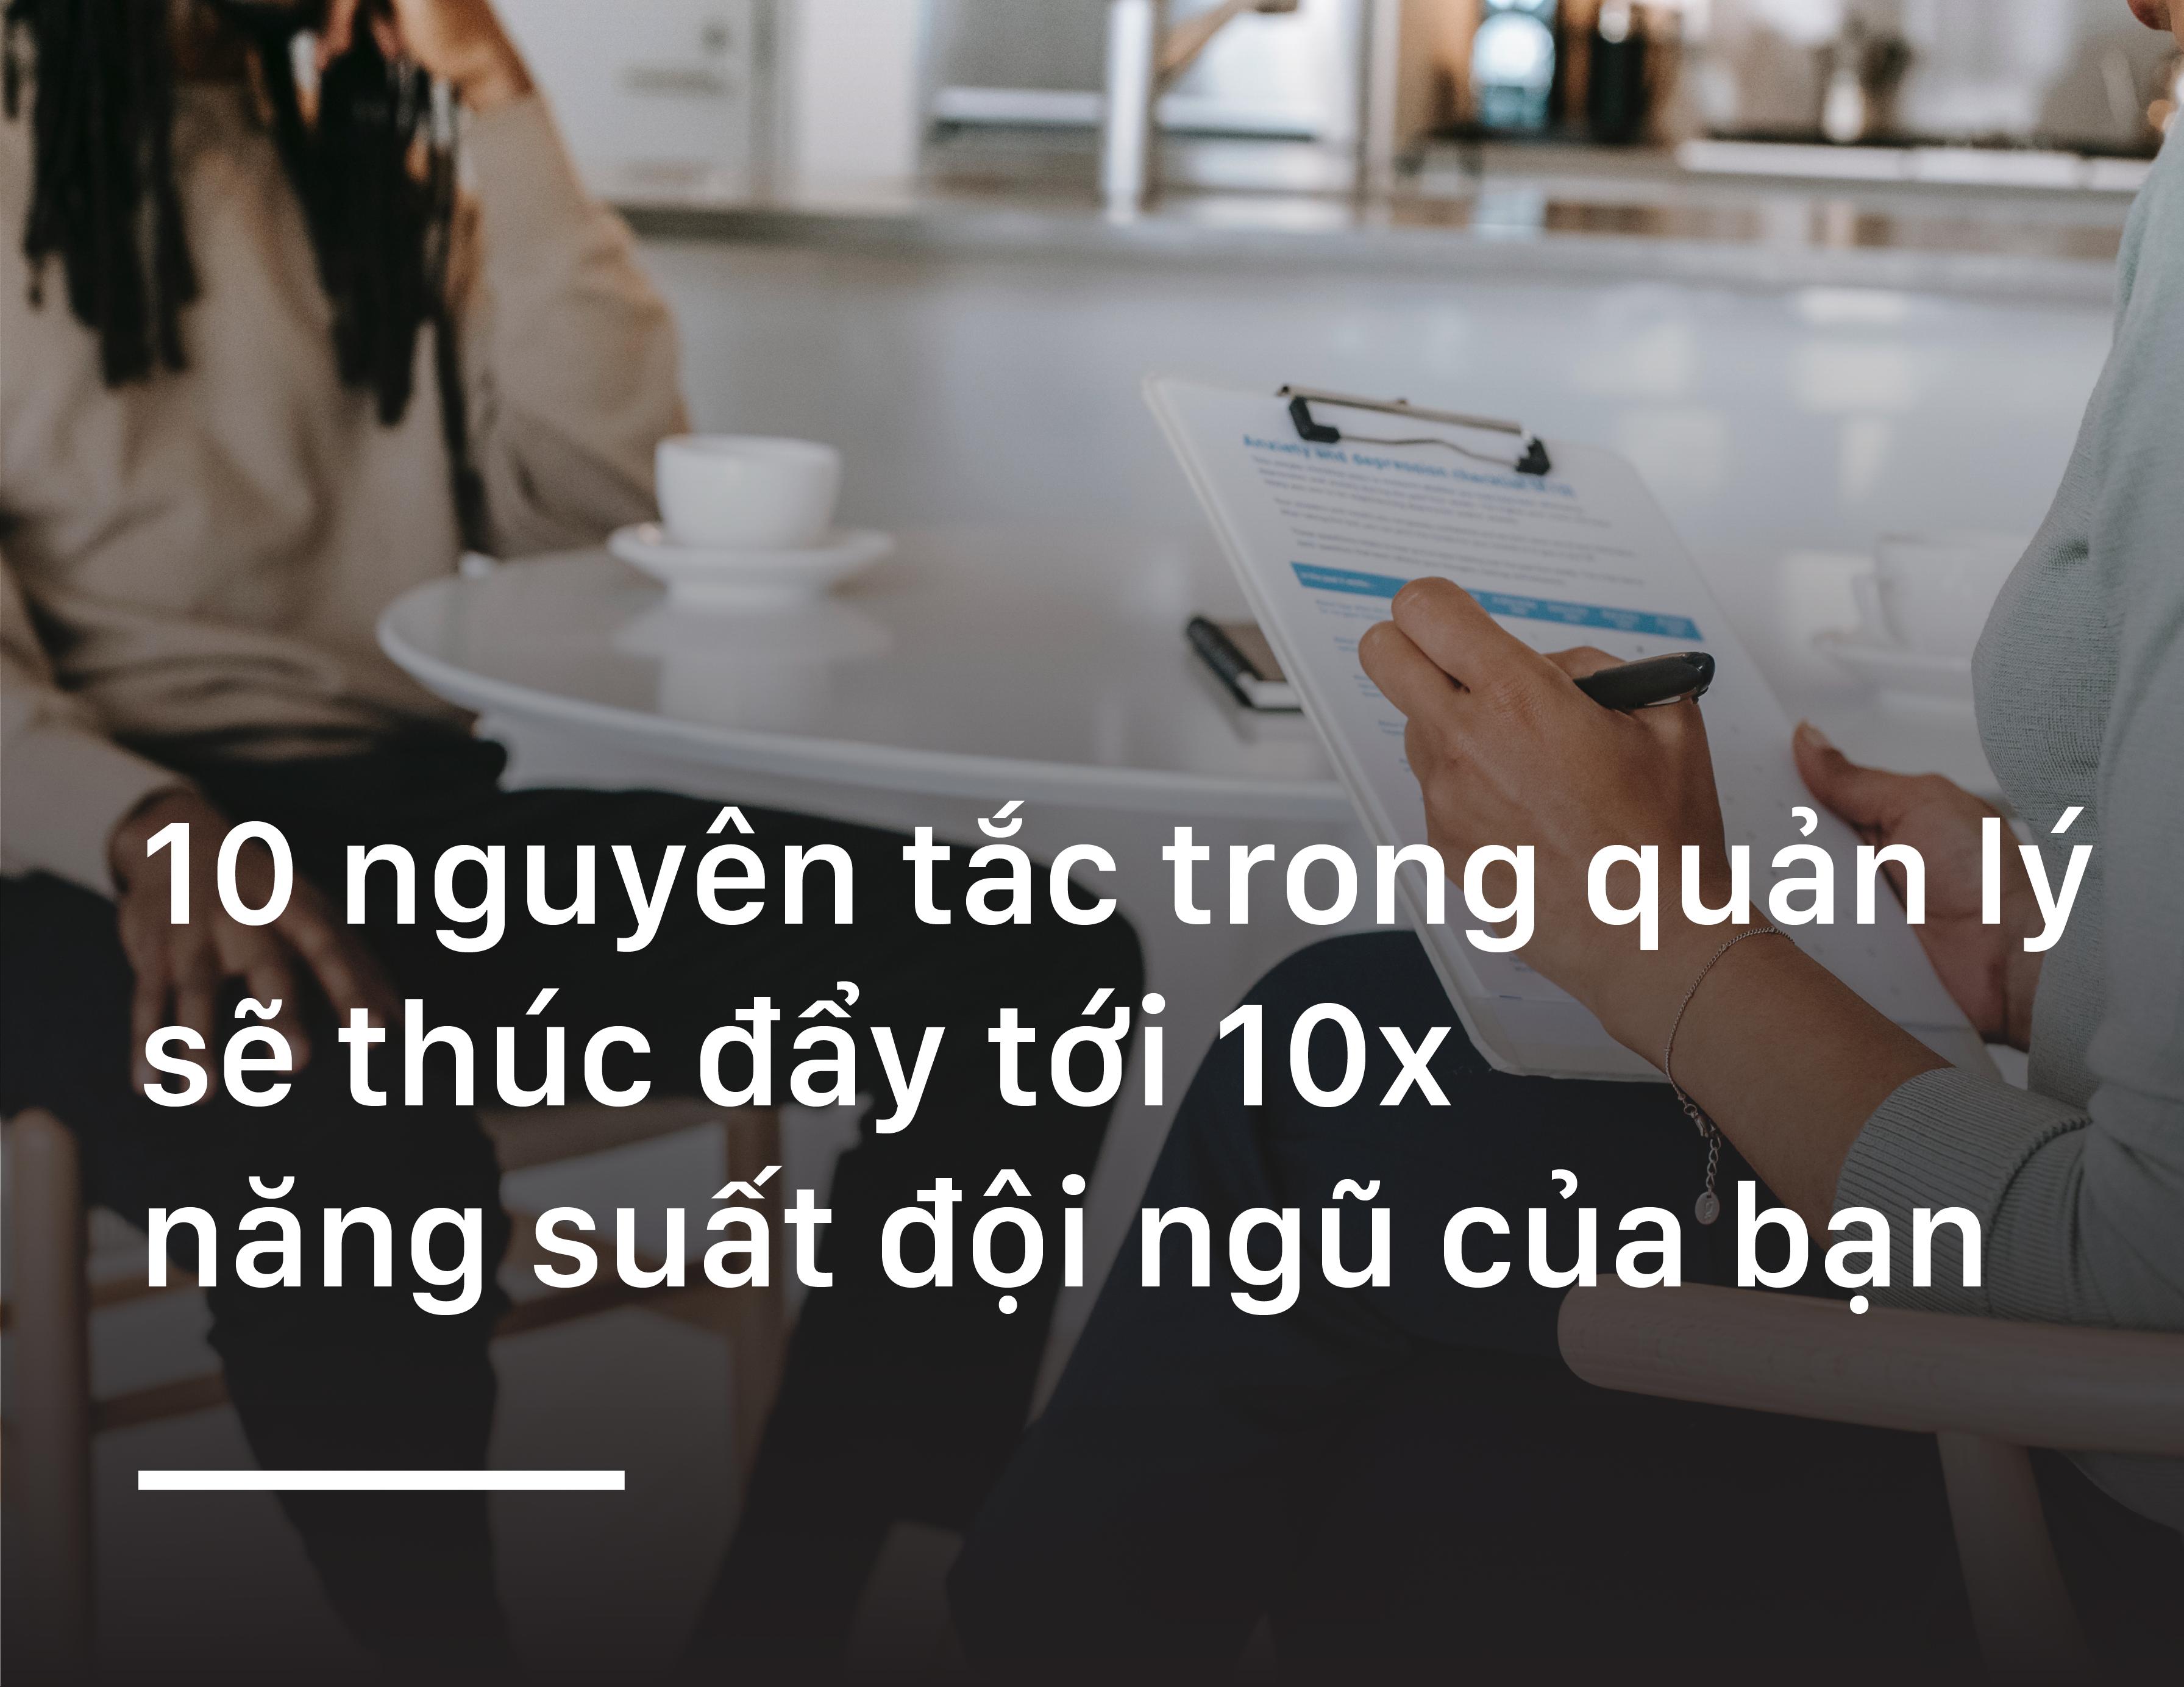 10-nguyen-tac-thuc-day-10x-hieu-suat-doi-ngu